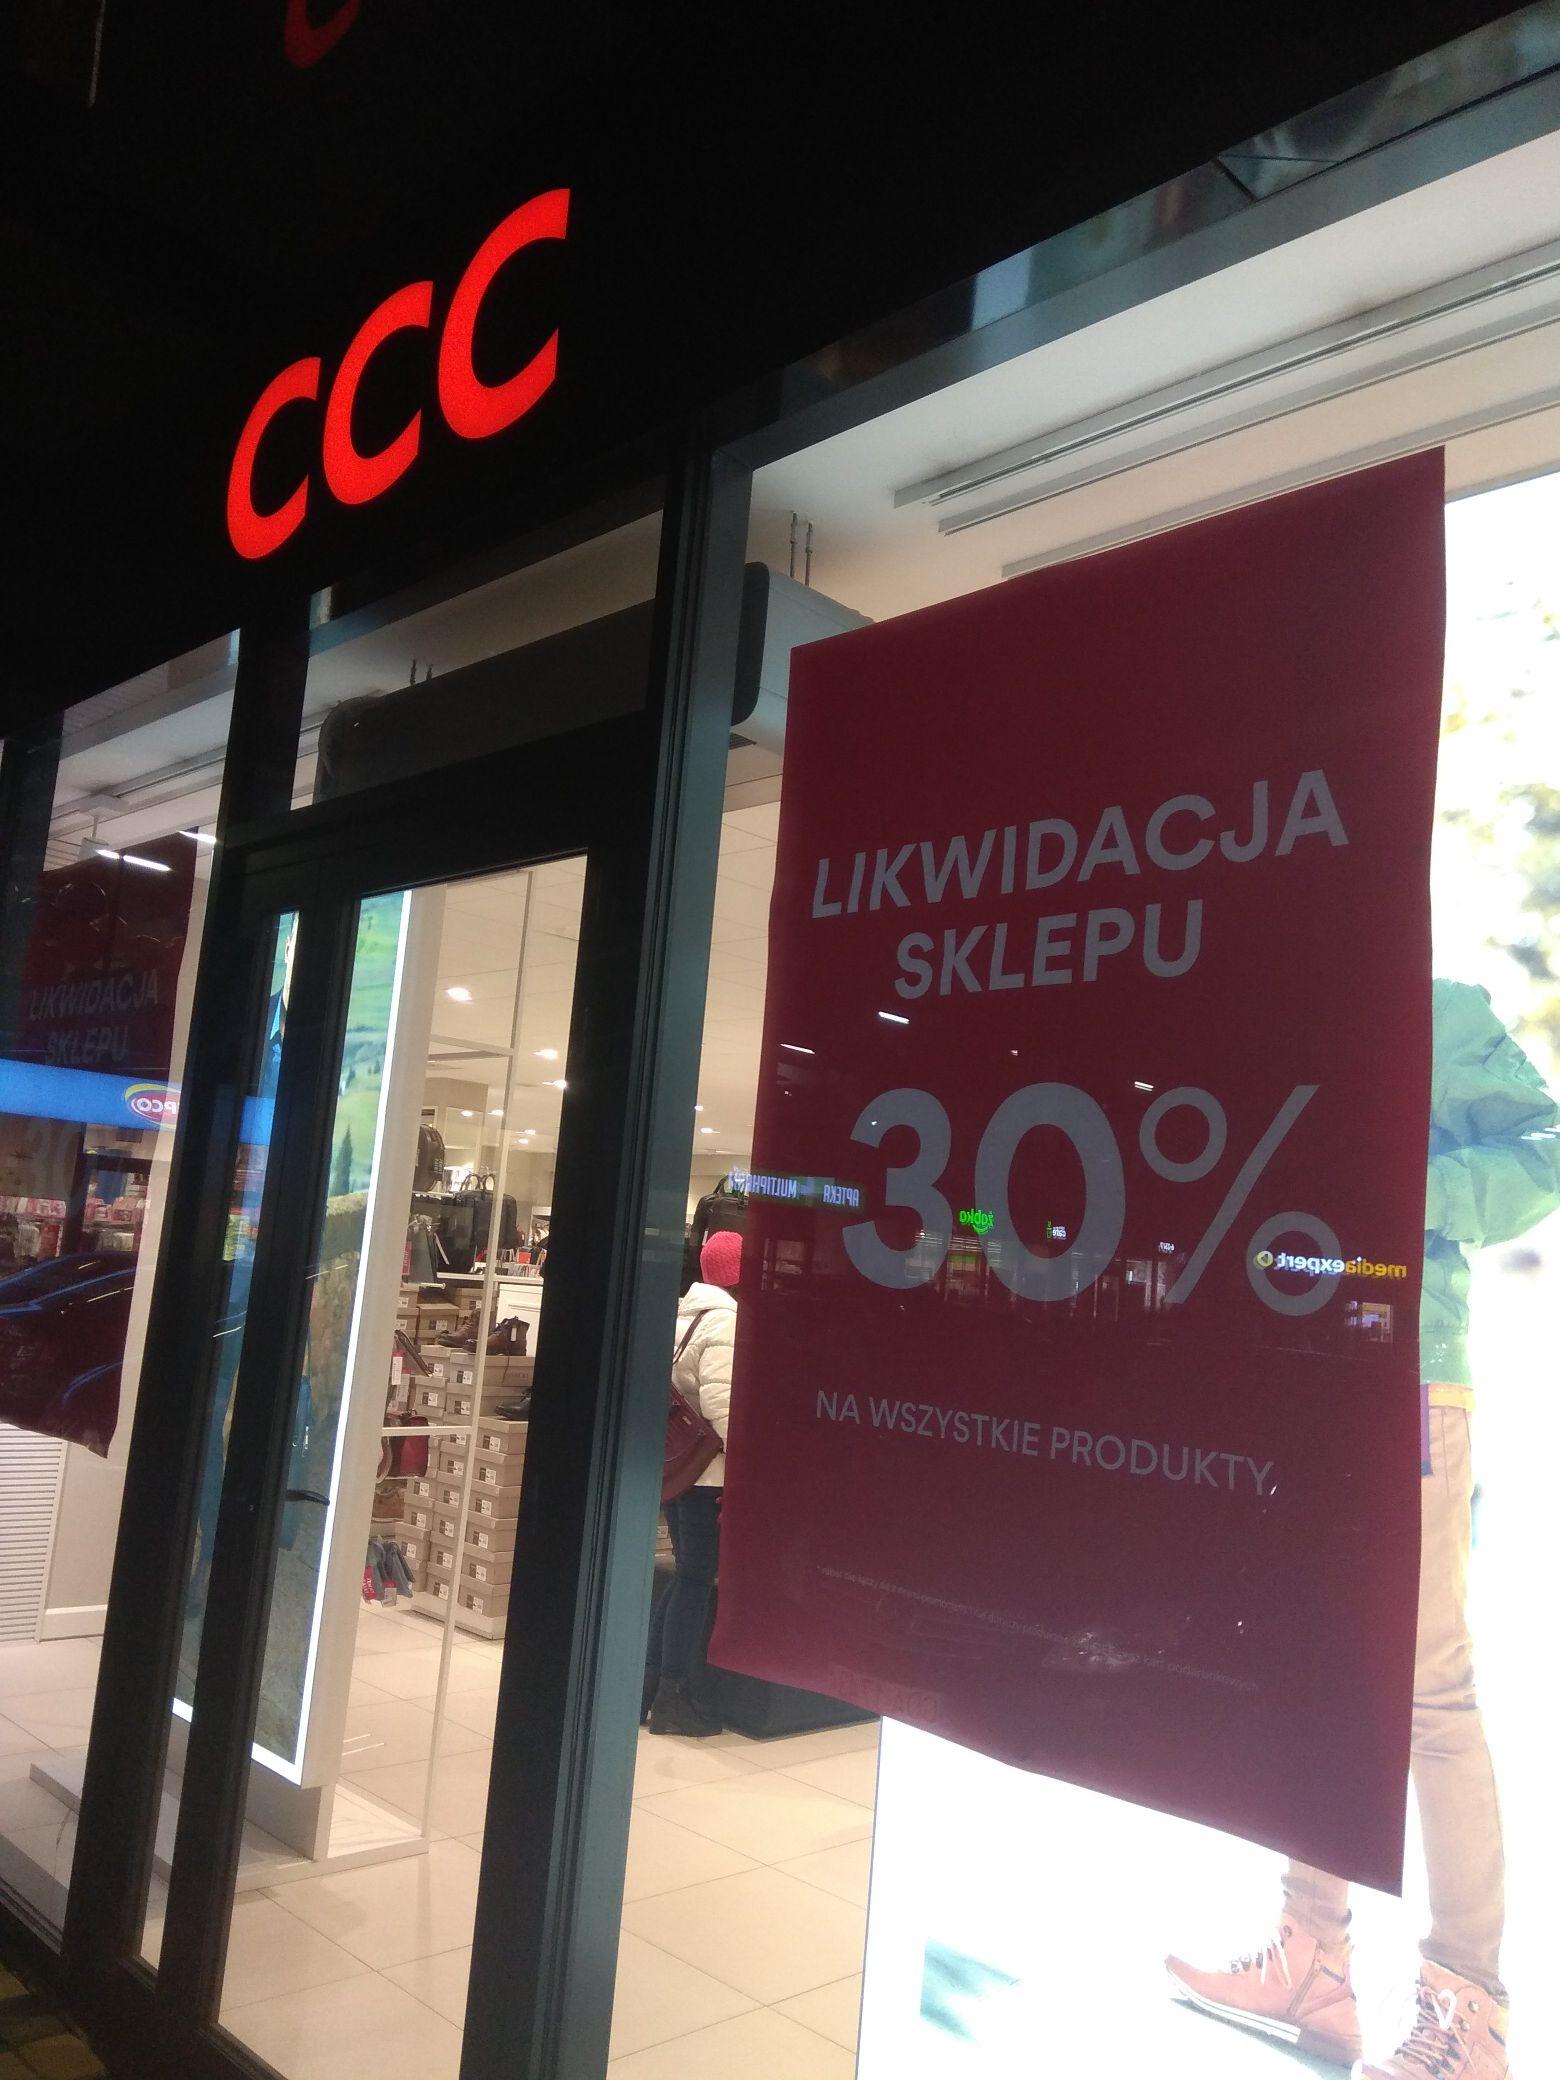 Likwidacja sklepu CCC w Pruszczu Gdańskim